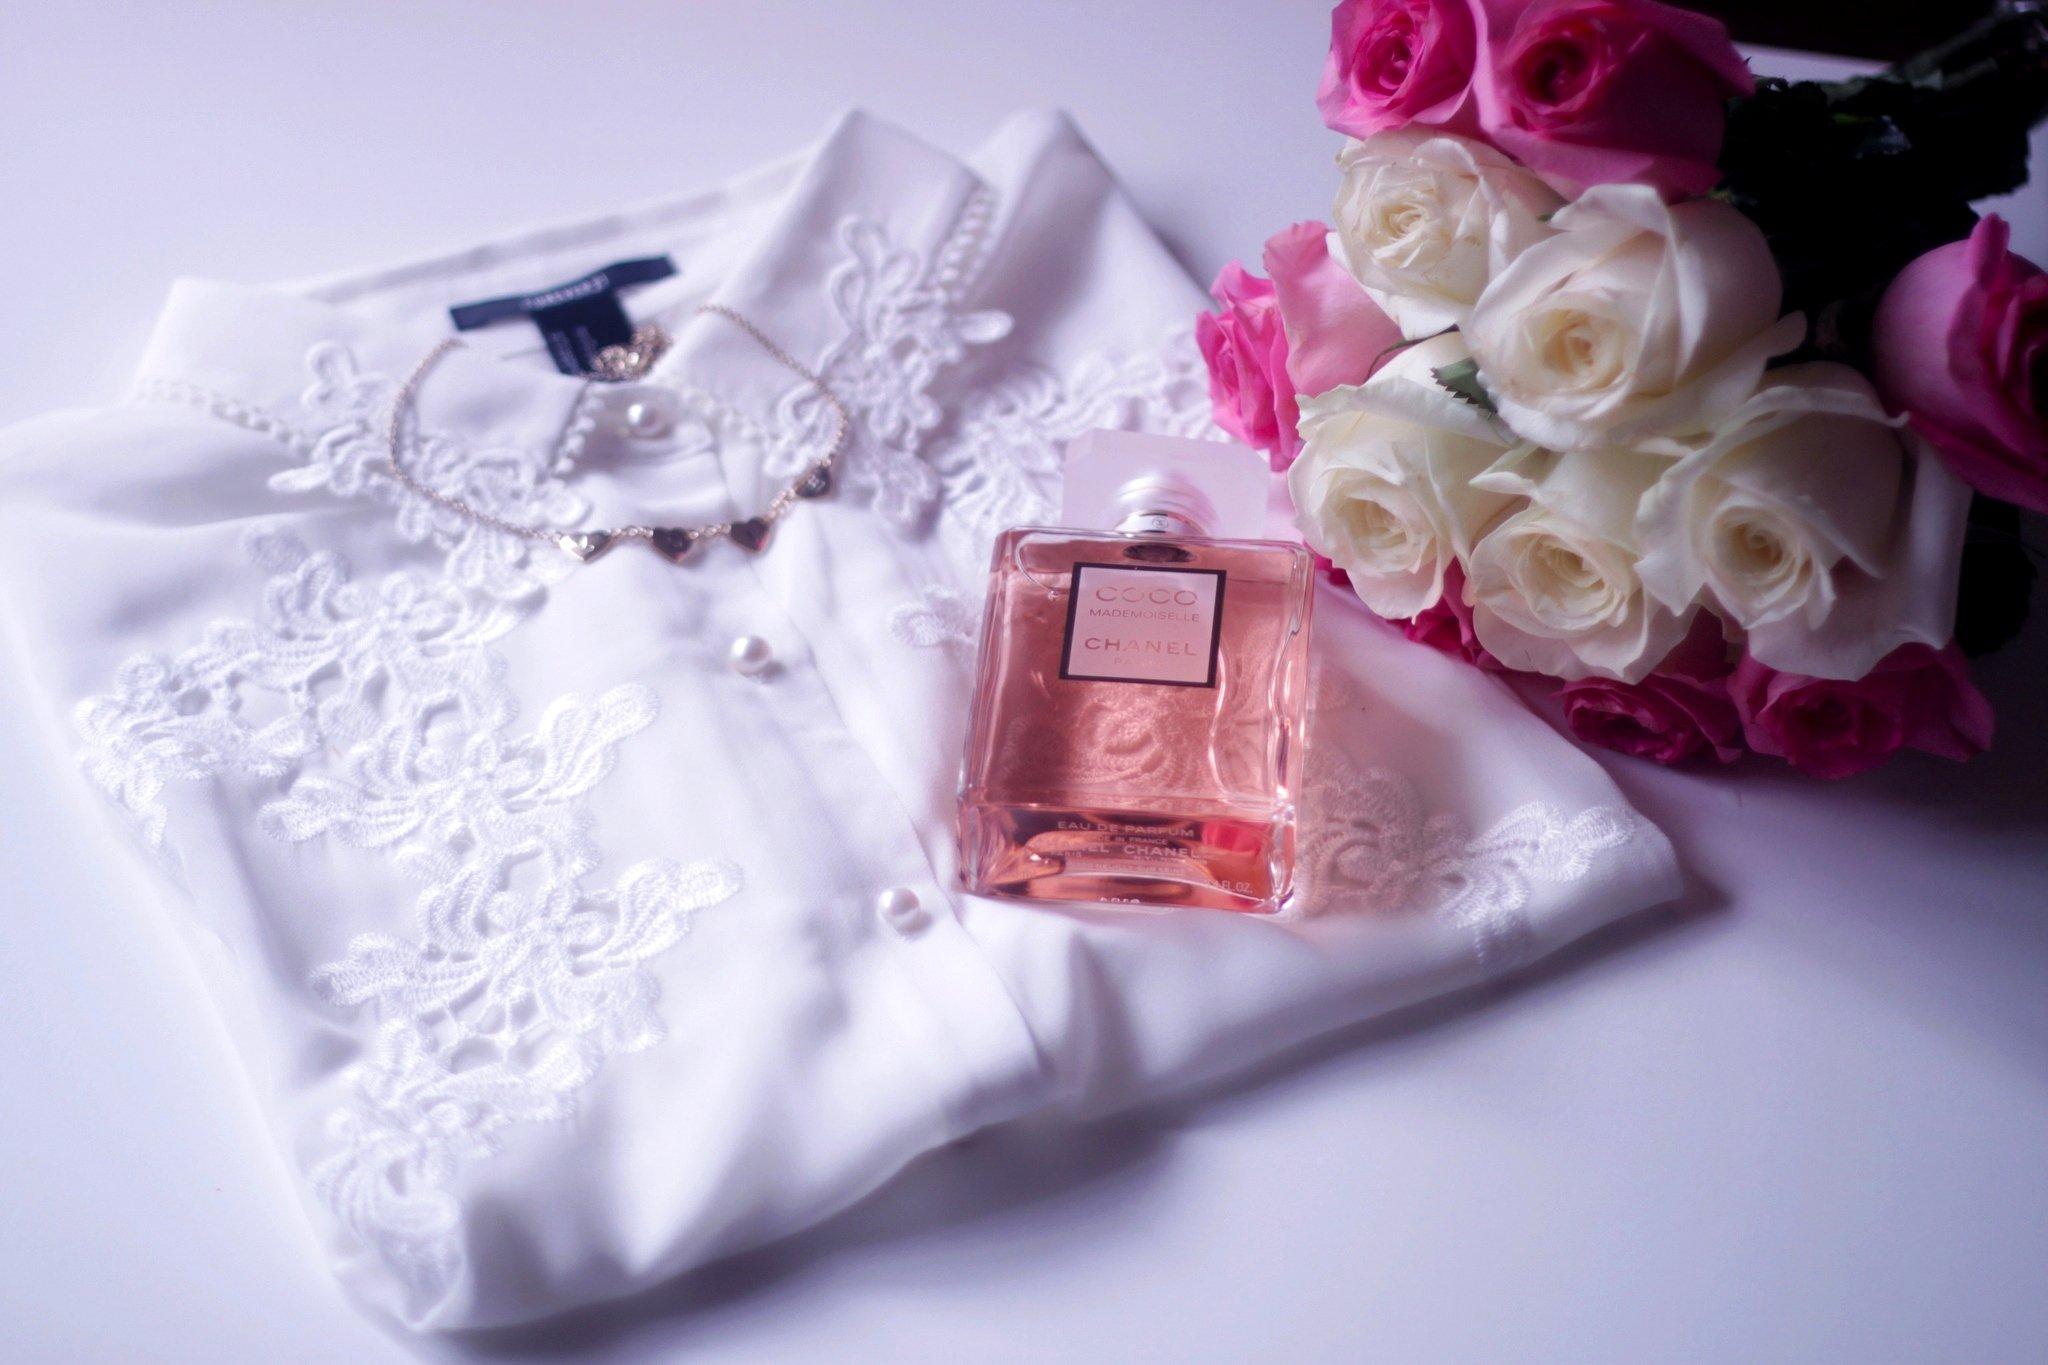 Der richtige Duft für die Romantikerin